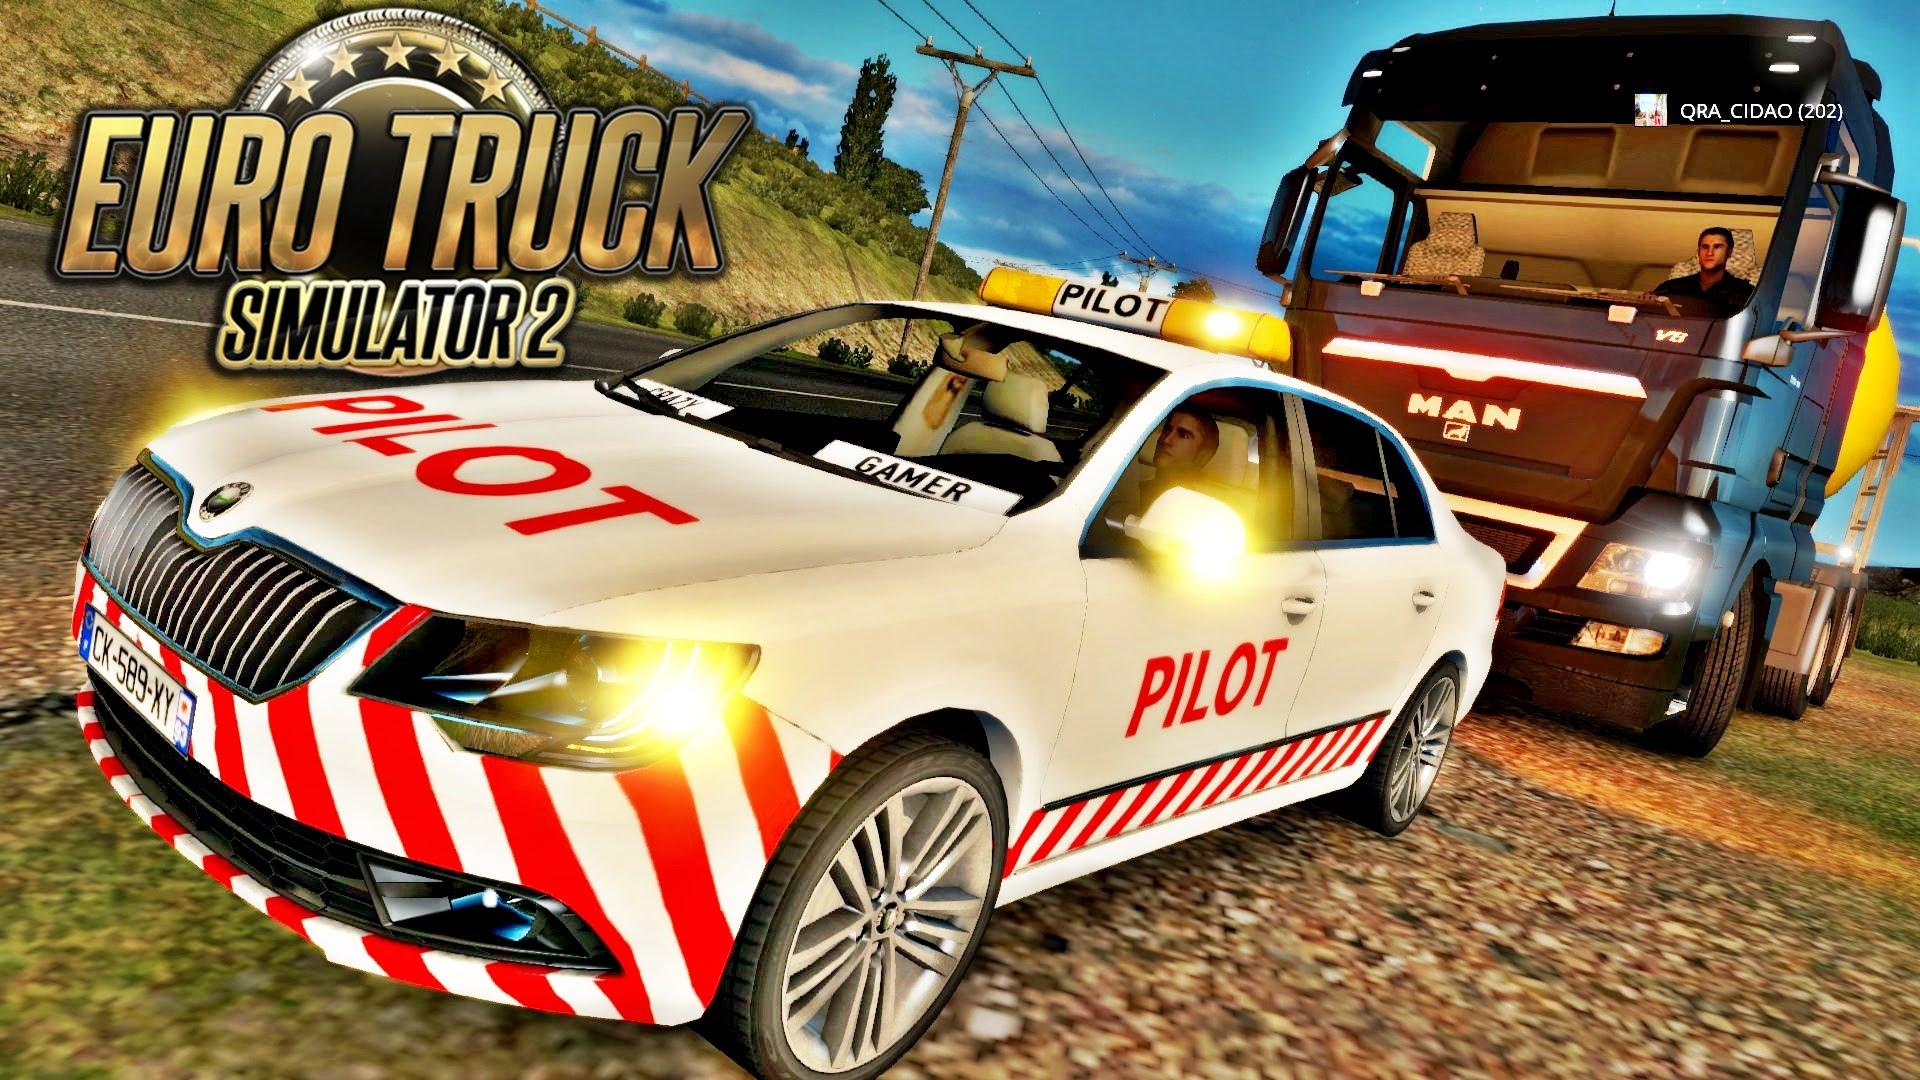 Escoltando Caminhão - Euro Truck Simulator 2 Multiplayer